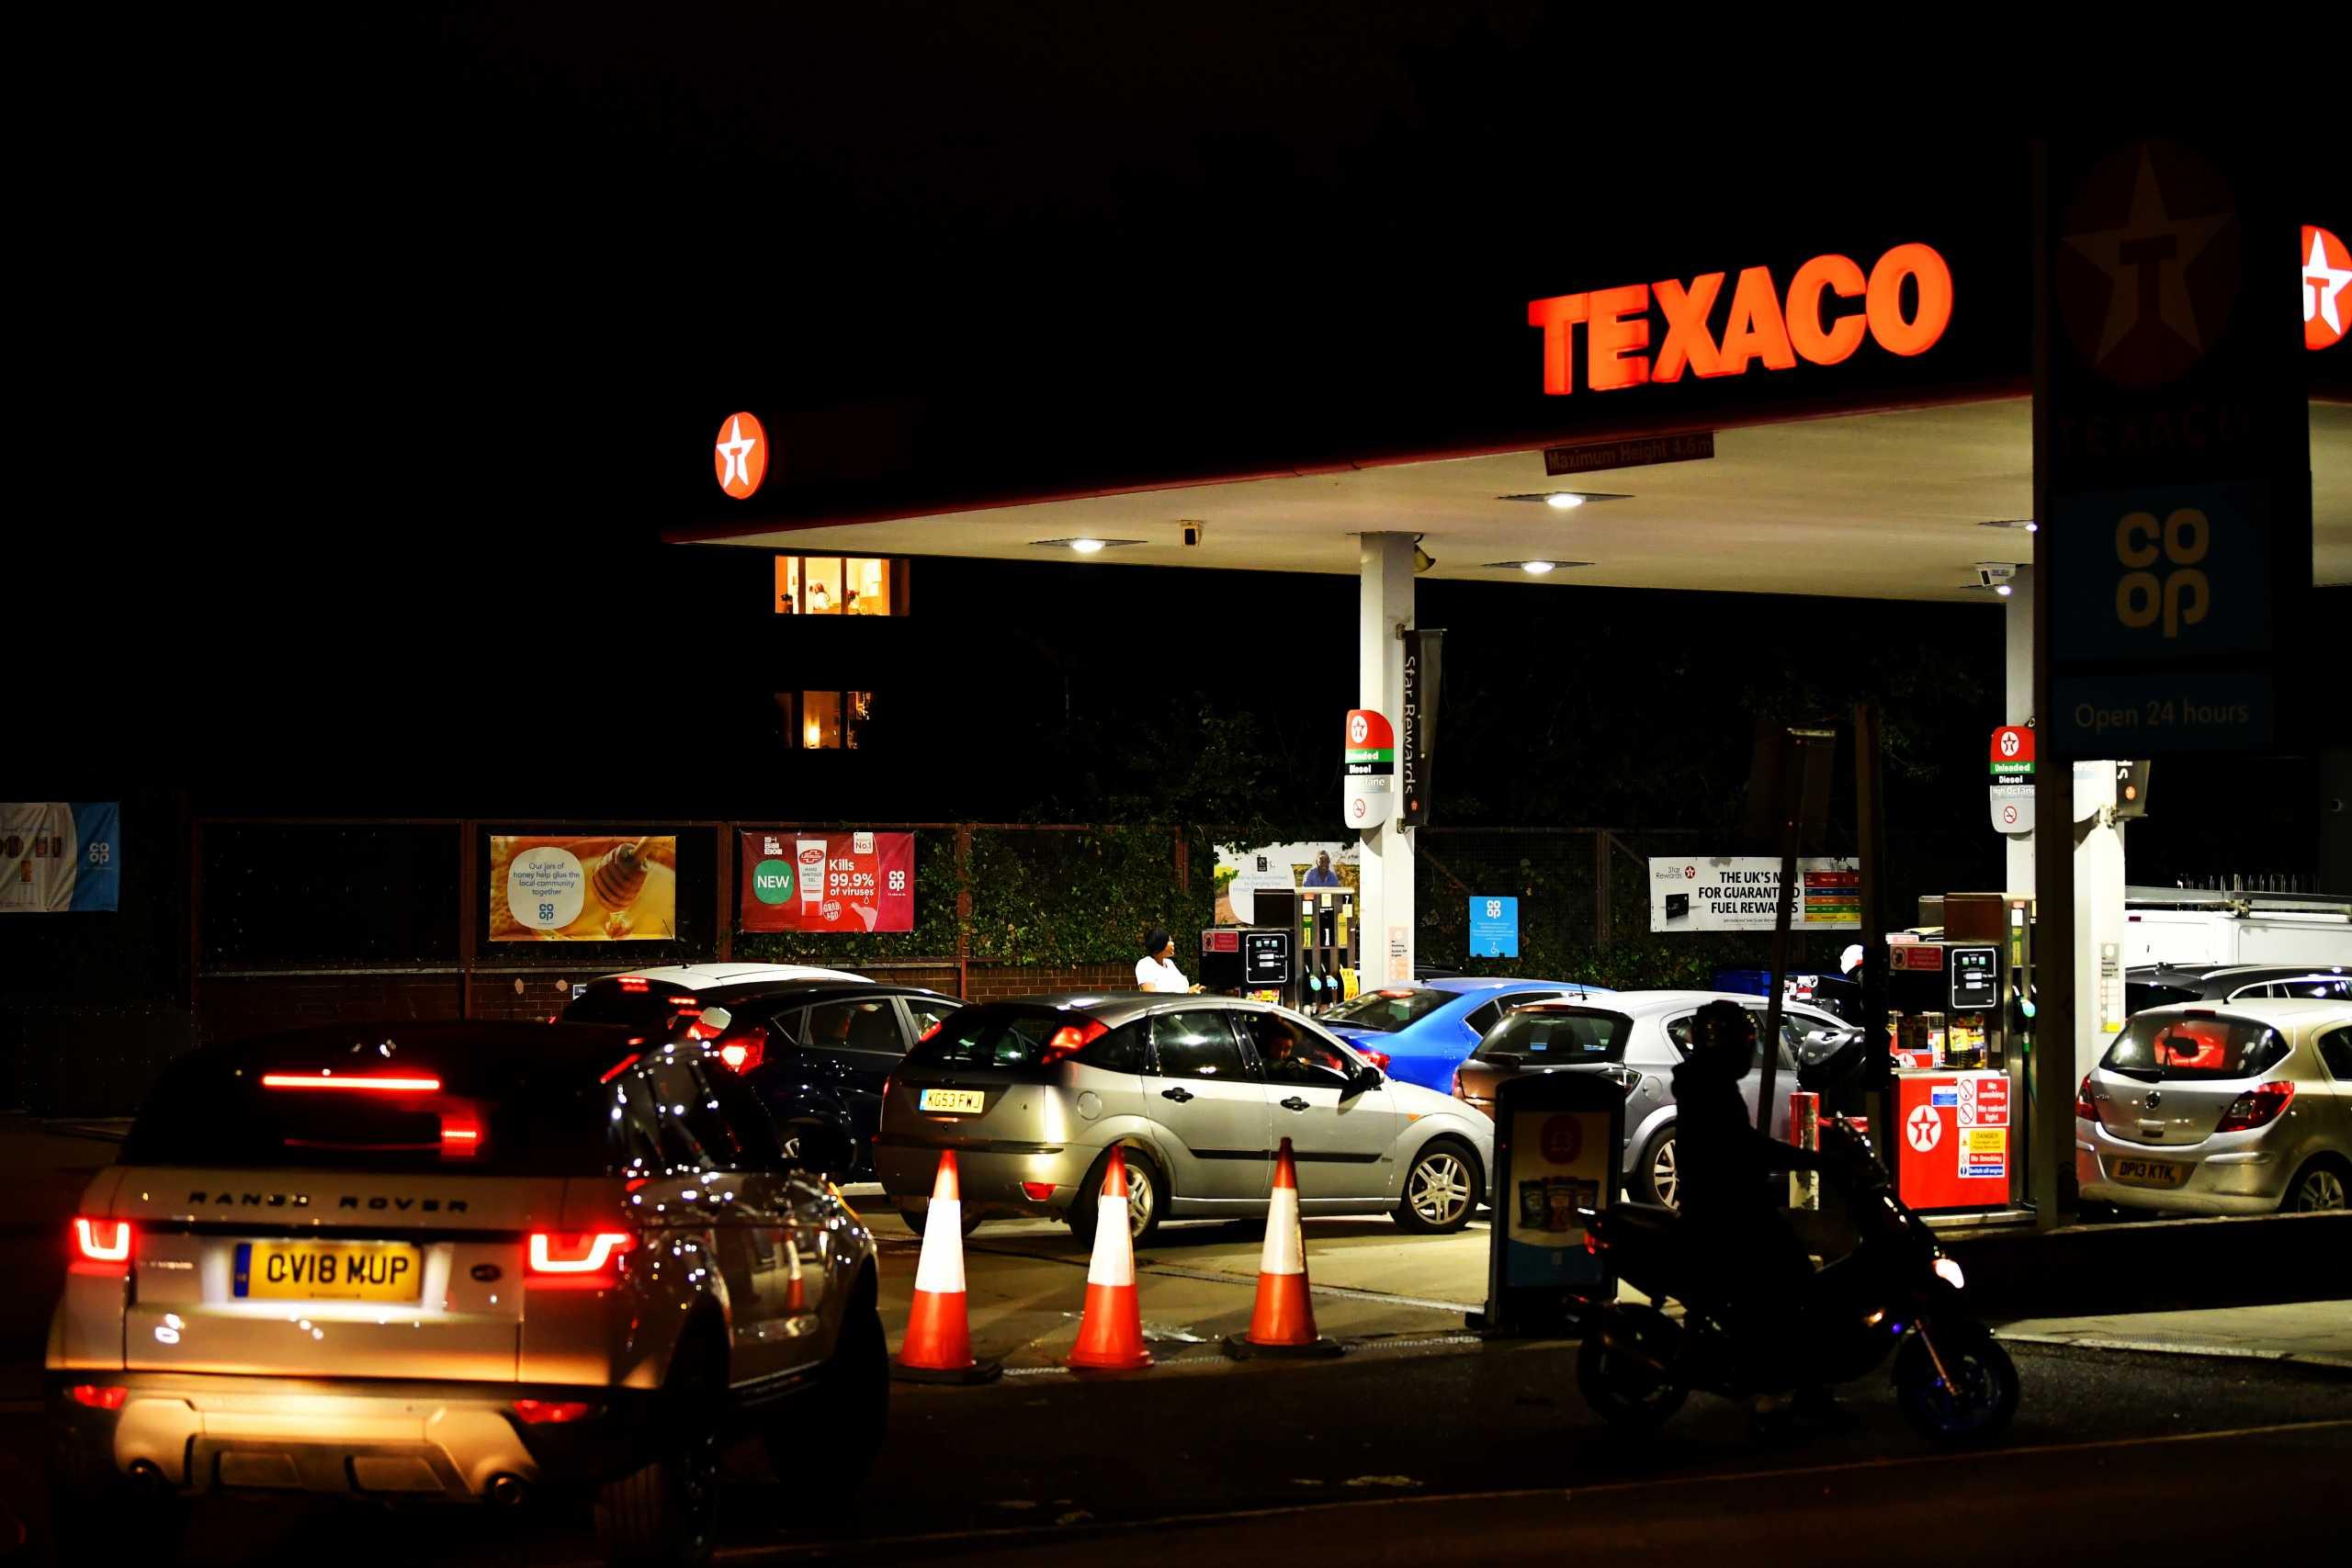 Βρετανία: Στους δρόμους και ο στρατός για να αντιμετωπιστεί η κρίση στα καύσιμα